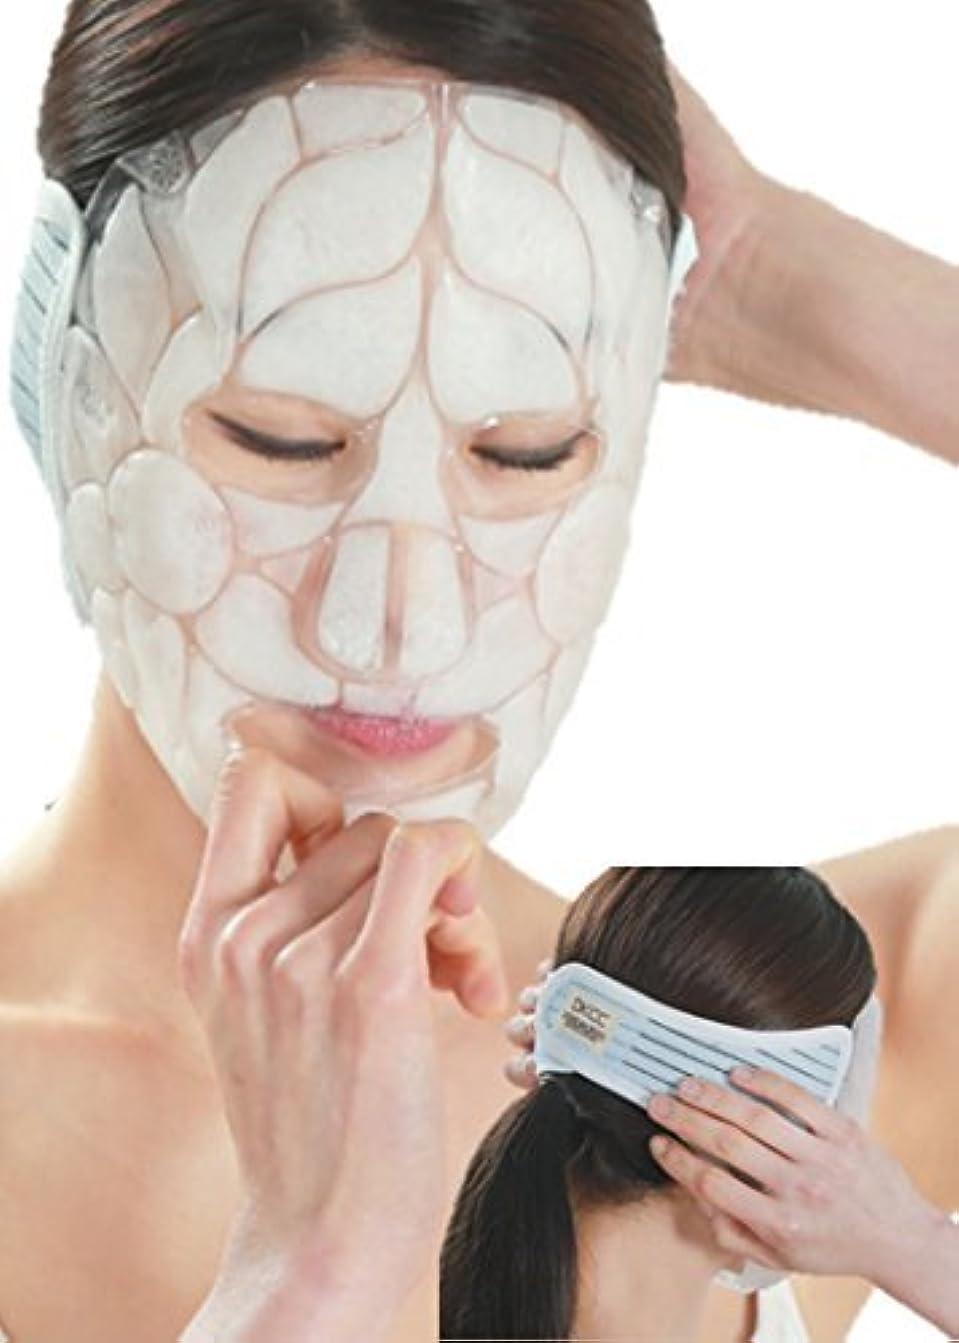 【 お風呂上がりは冷却美容 でプリ肌に 】bellacrea(ベラクレア) アイスクーリングマスク フェイスパック 小顔マスク 韓国パック シートパック用